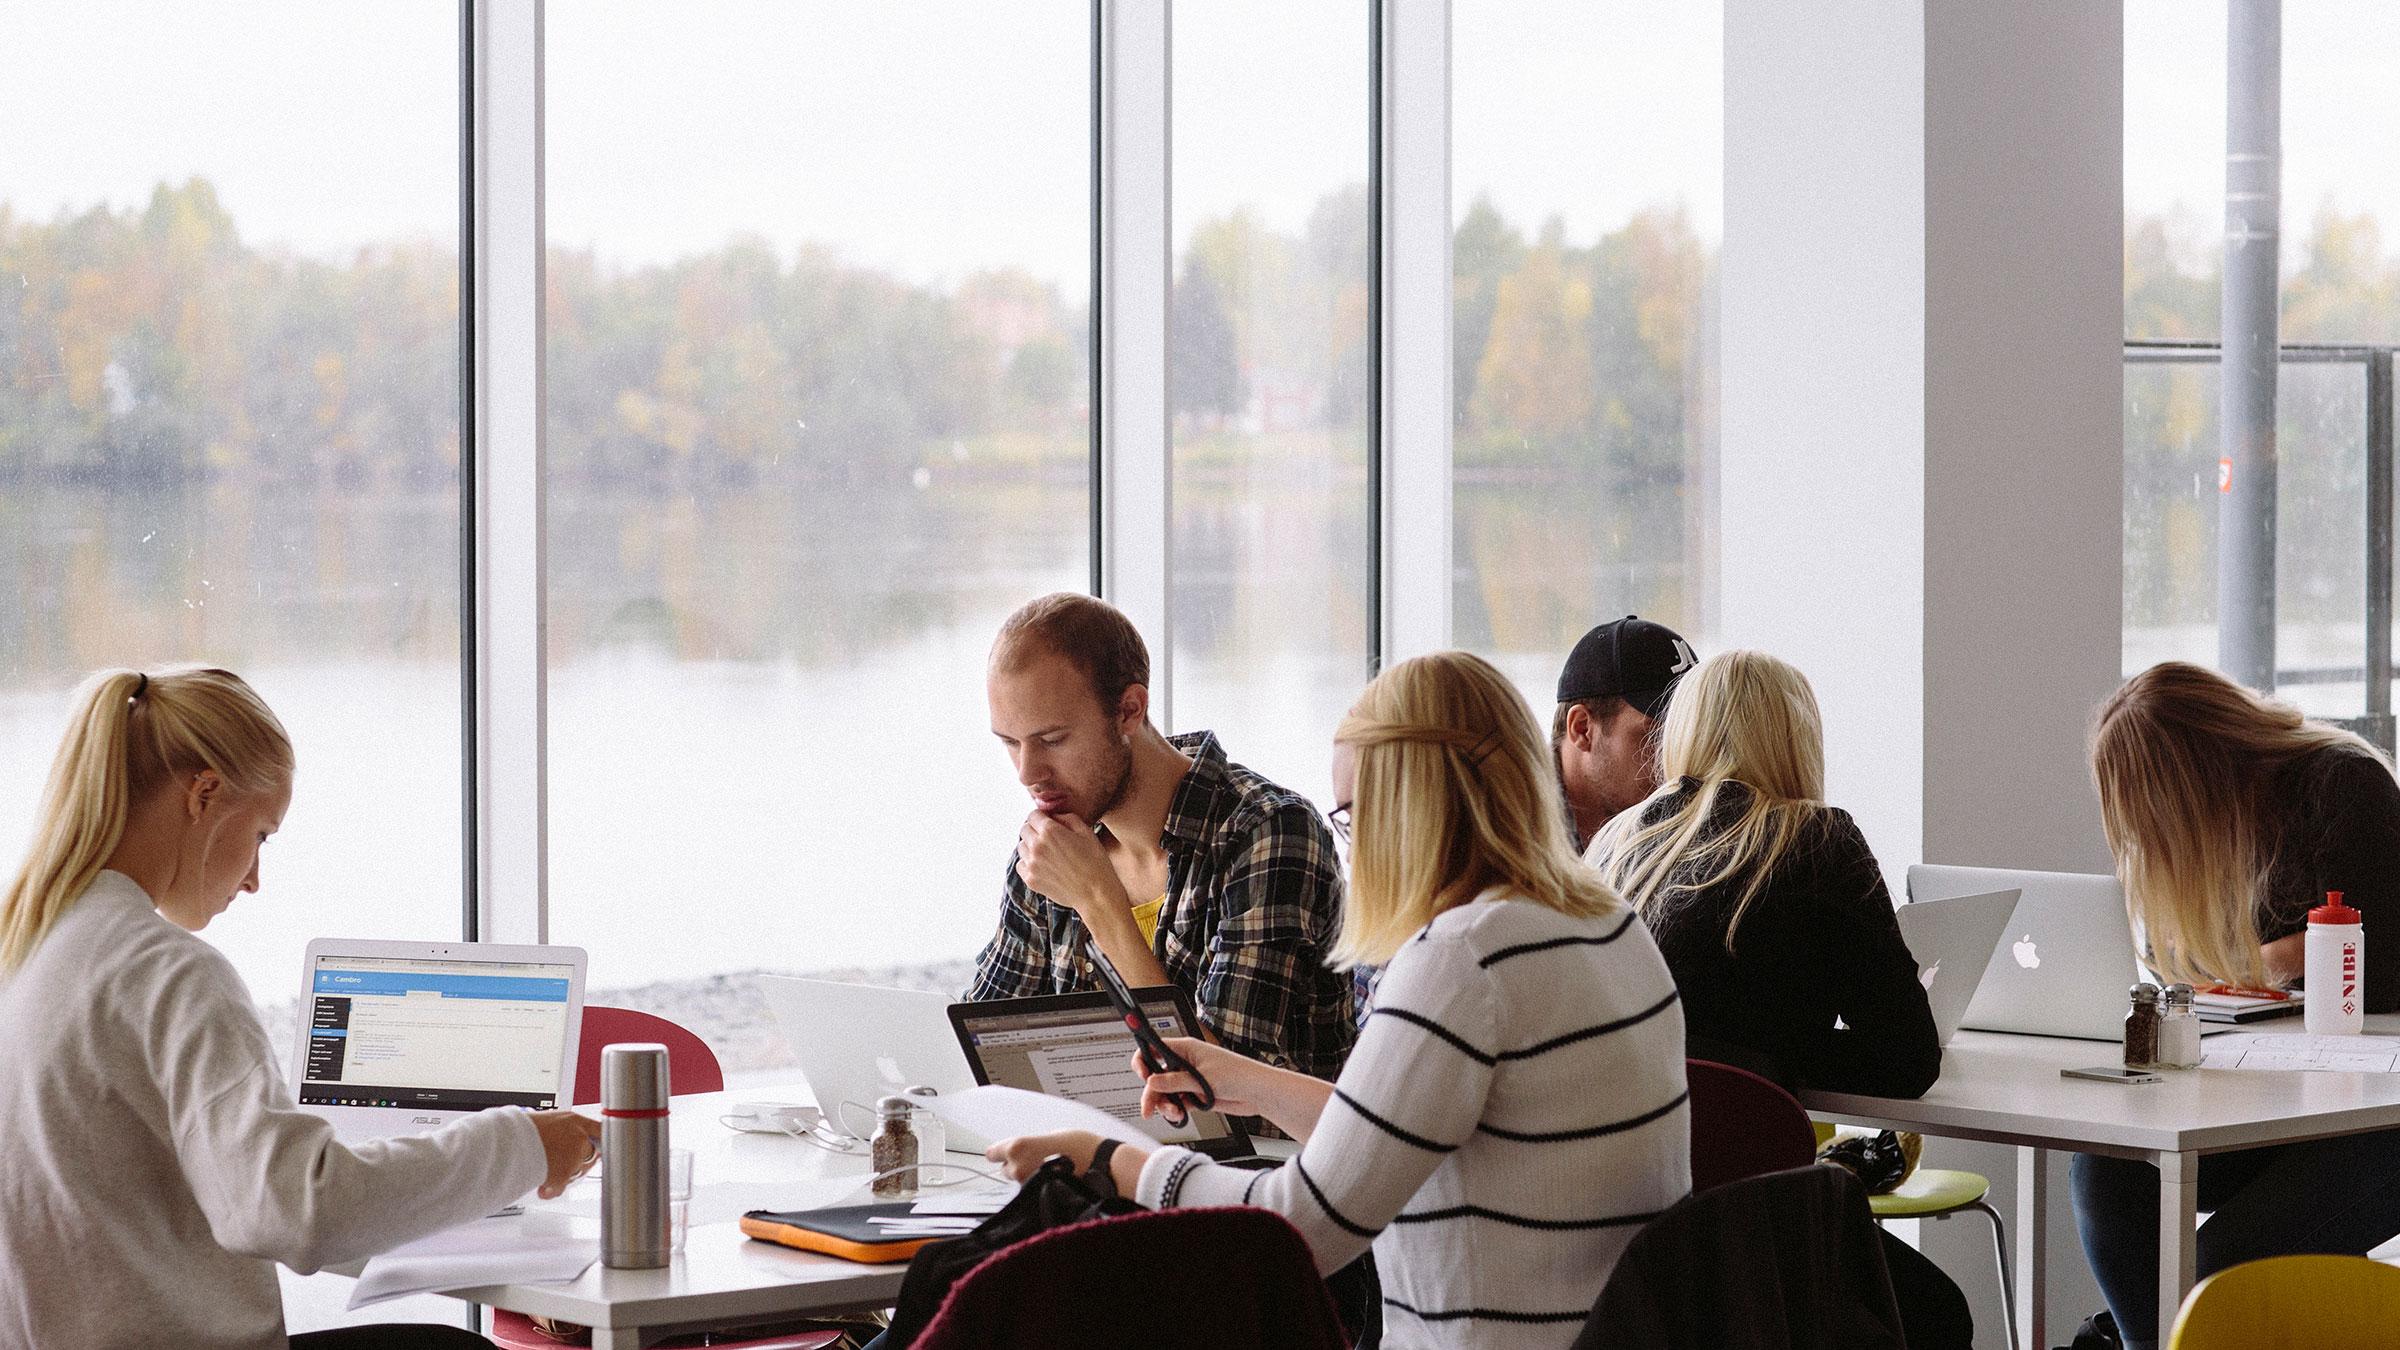 Umeå universitet sätter stor prägel på Umeå. På bilden syns studenter i grupparbete. Foto: elin Berge.